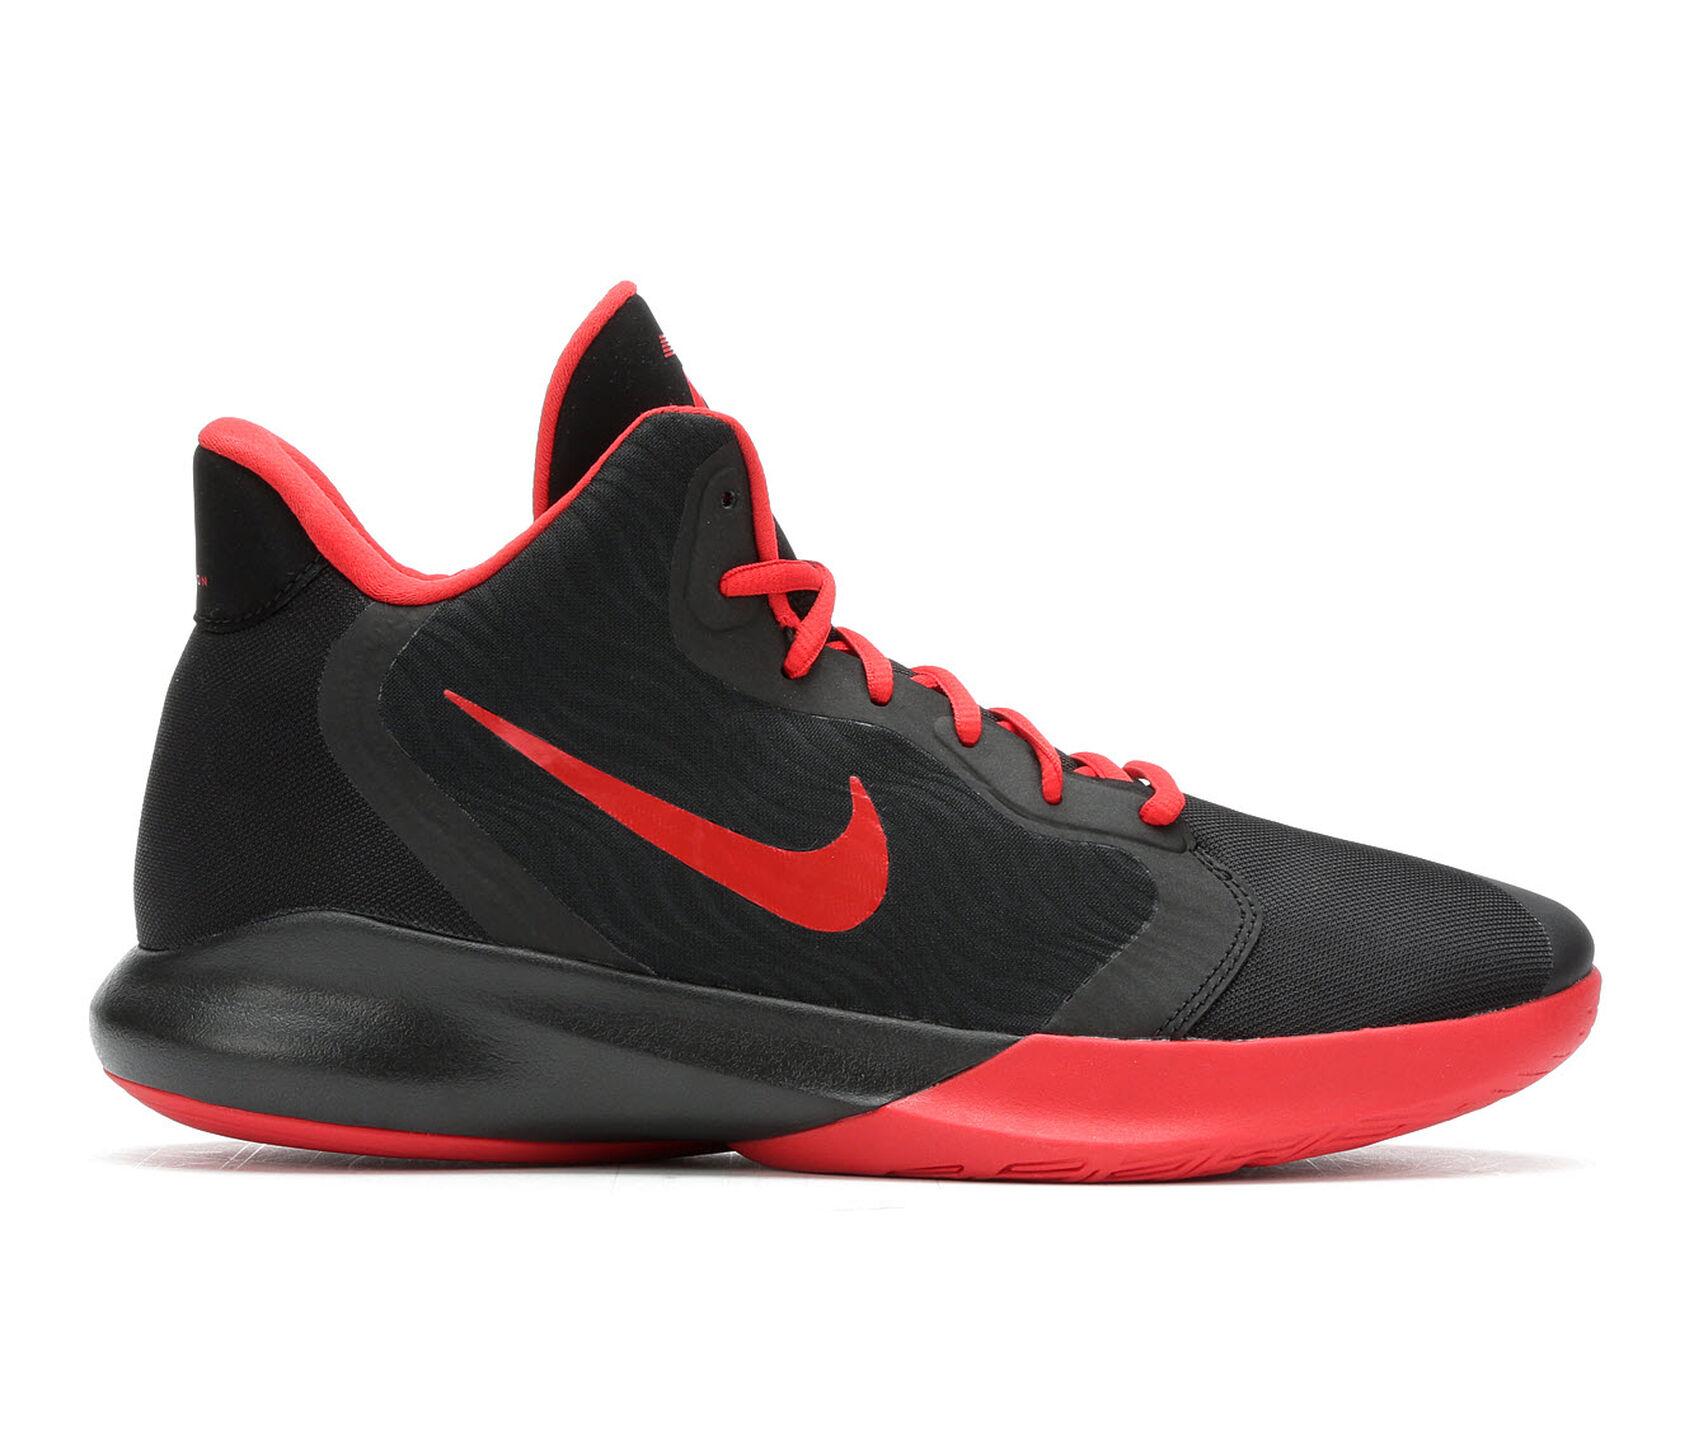 regard détaillé d6c2d c06a9 Men's Nike Precision III Basketball Shoes